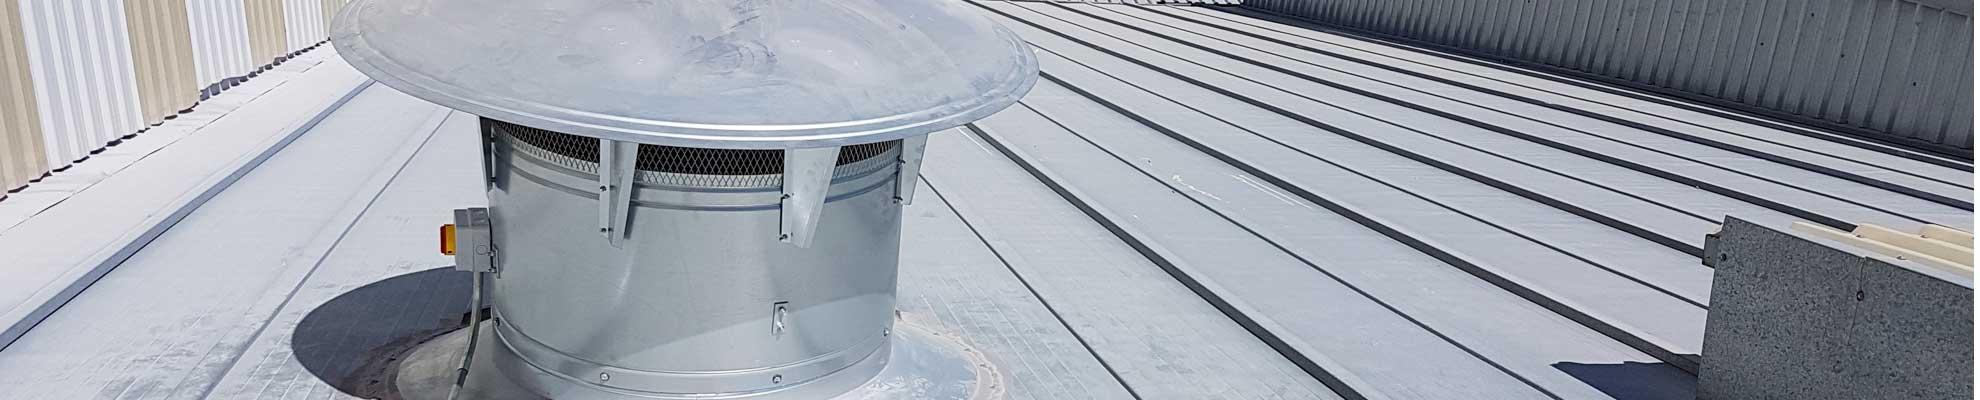 Equipos de ventilación Industrial Futurvent